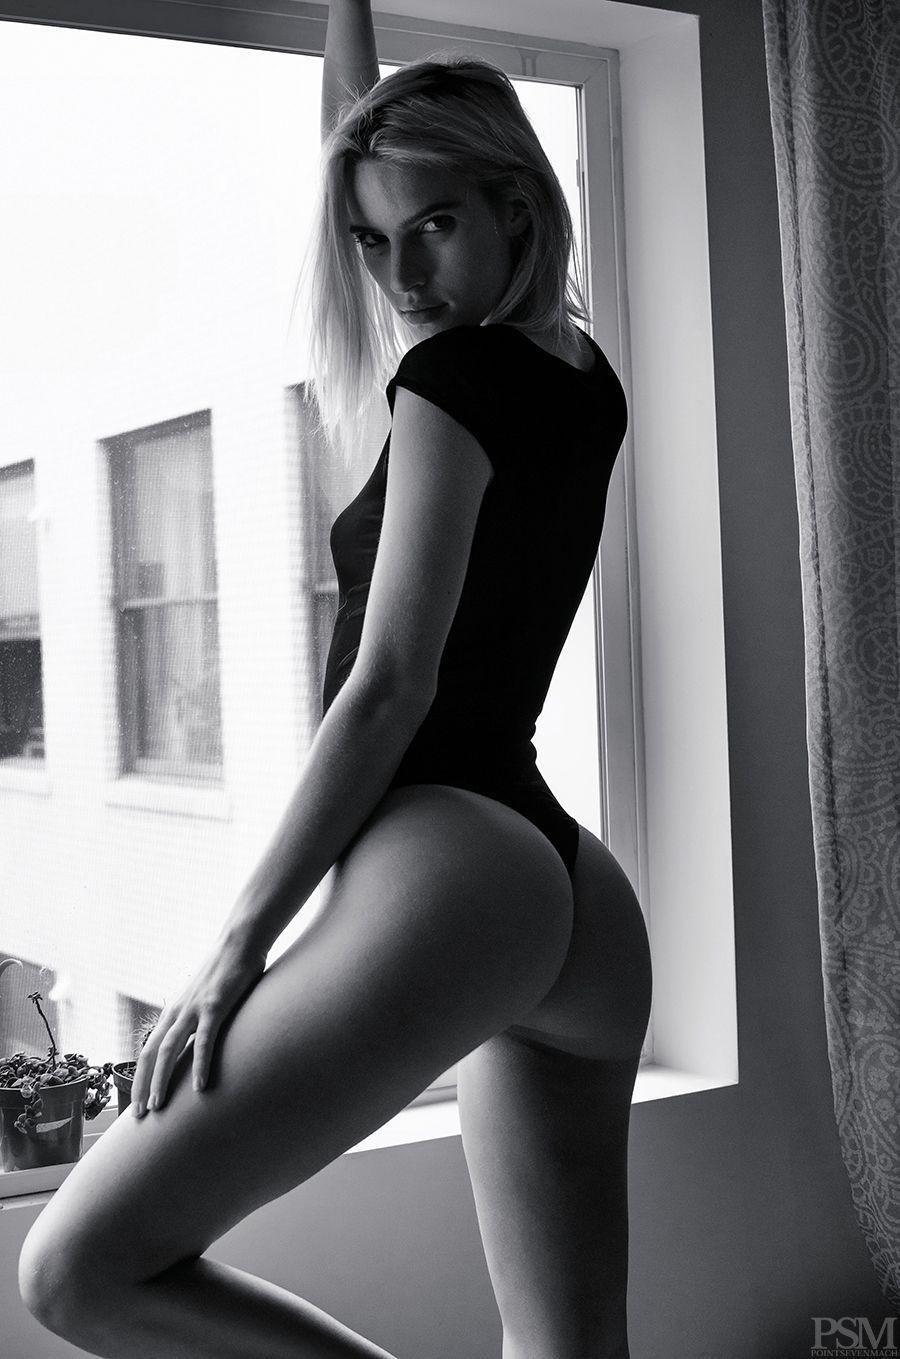 Chloe Holmes nudes (43 foto), hot Selfie, YouTube, butt 2015